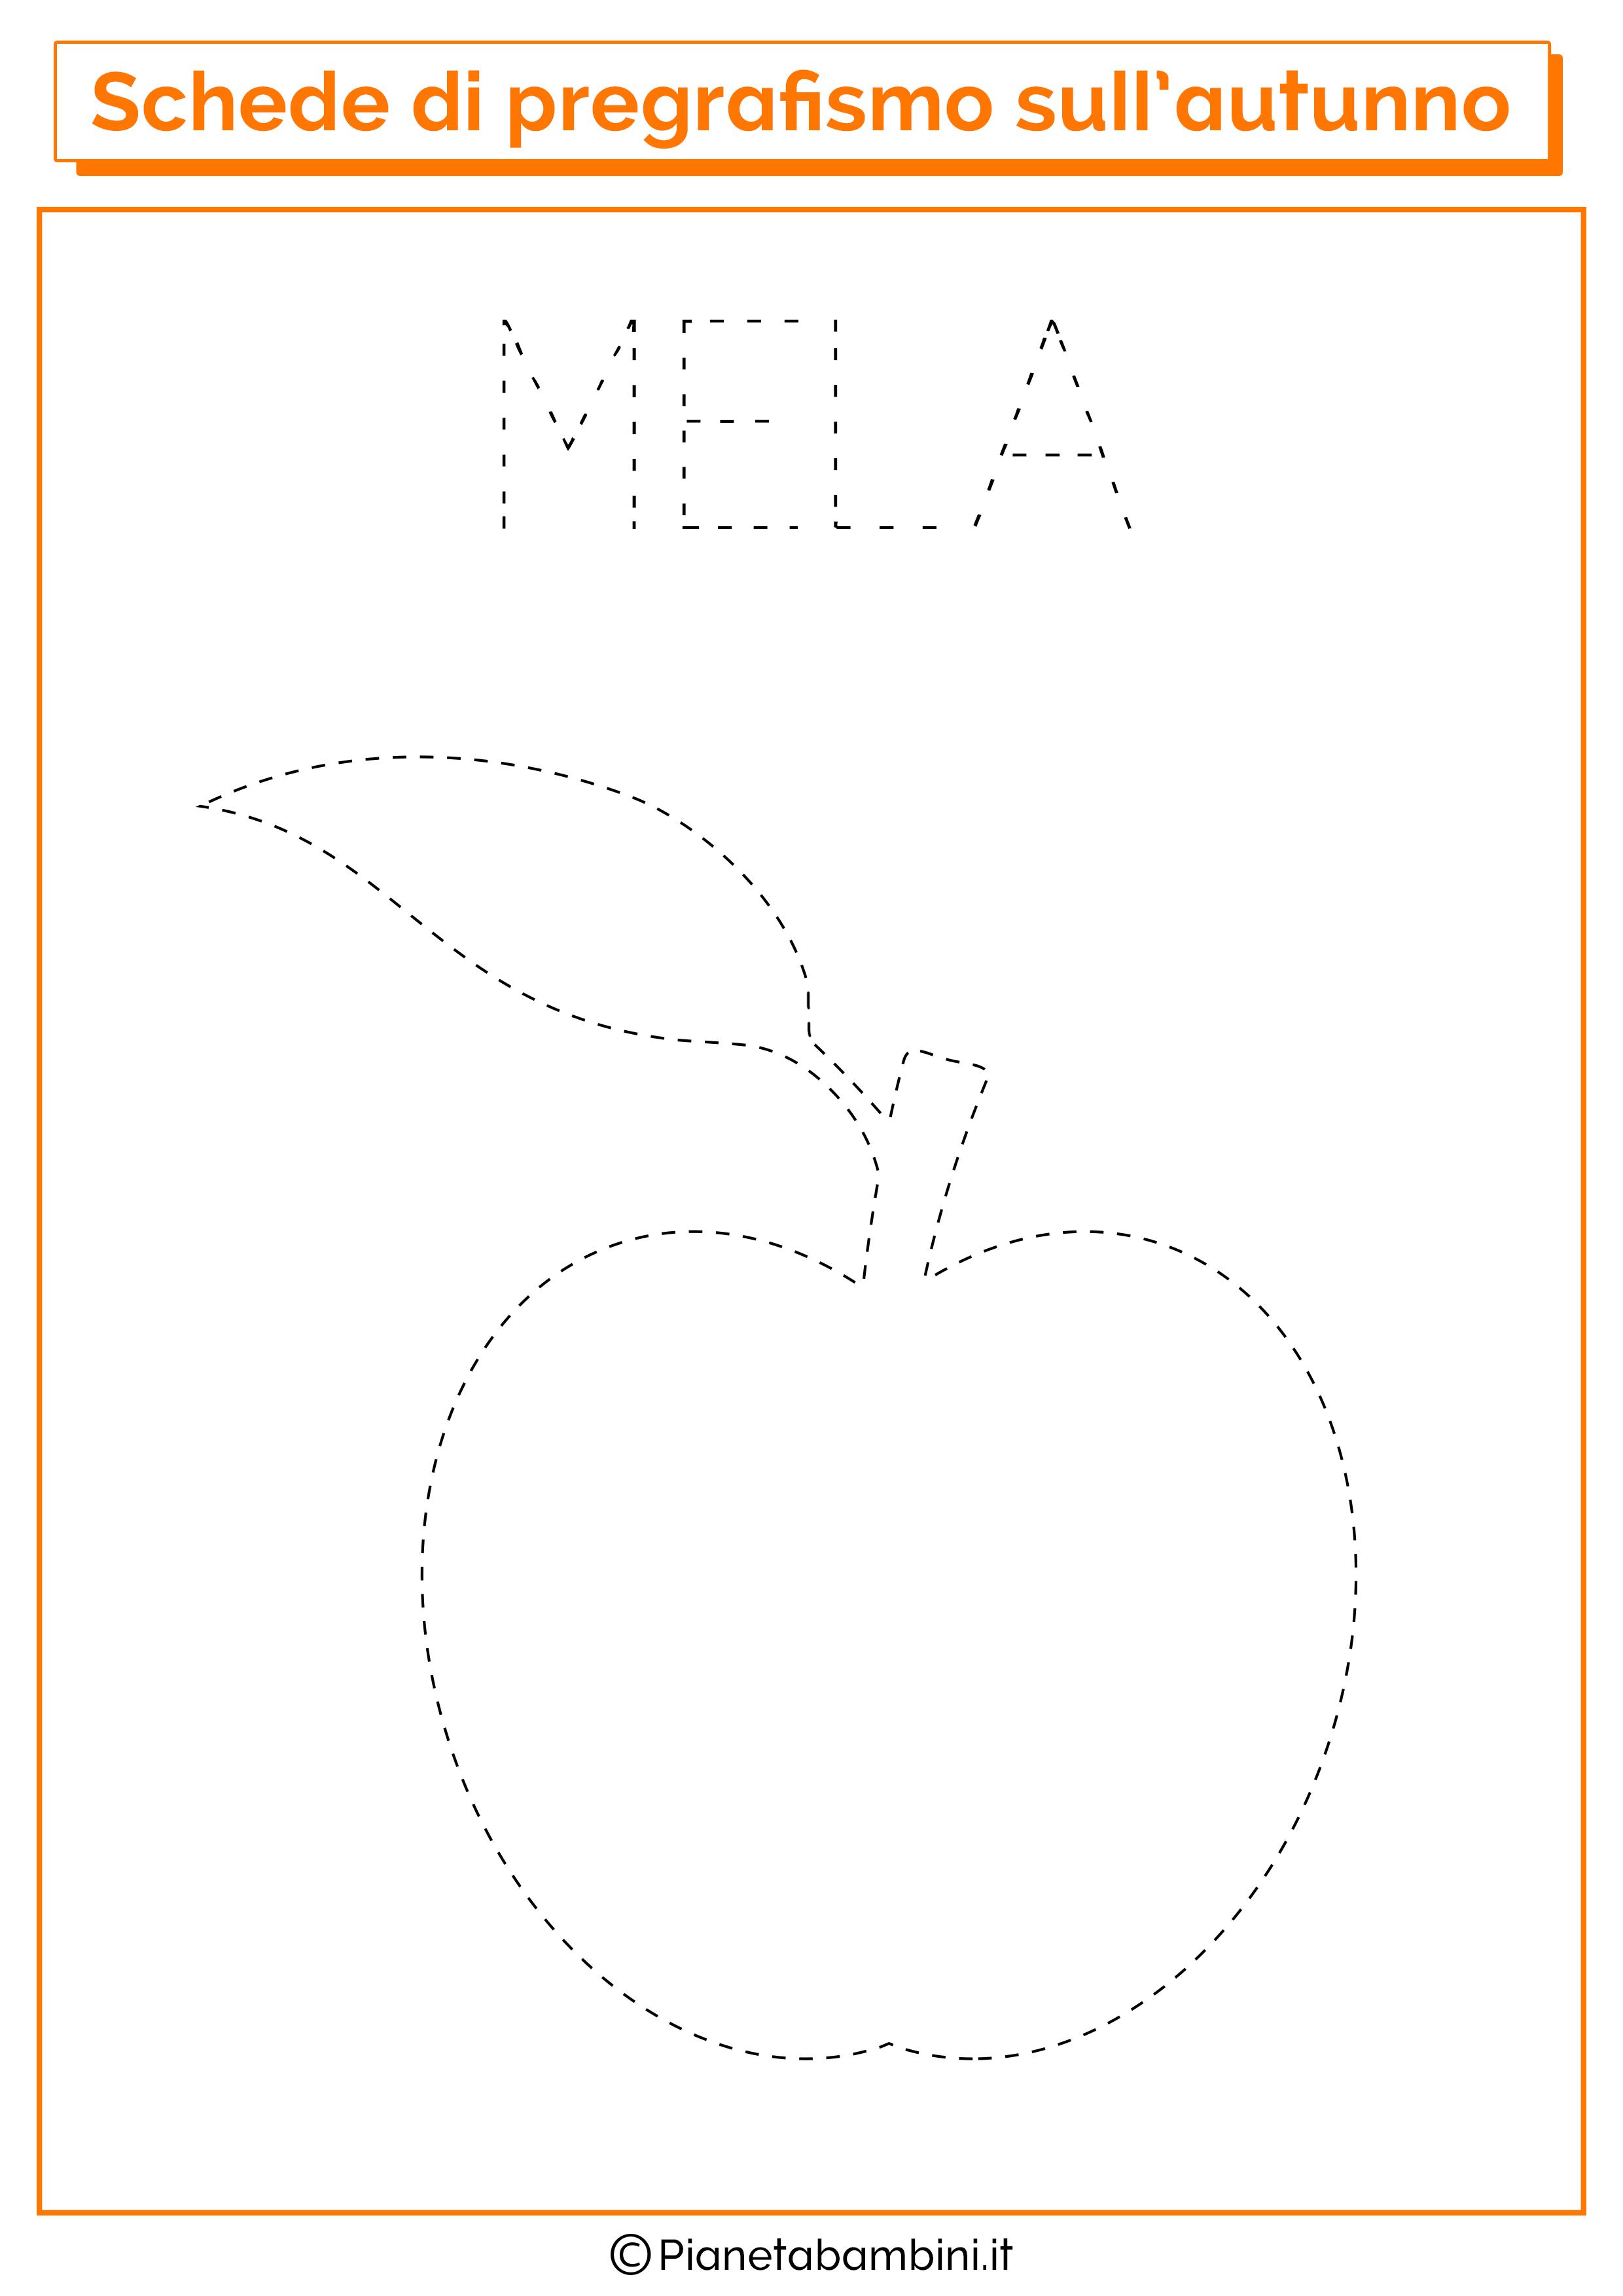 Pregrafismo autunno mela